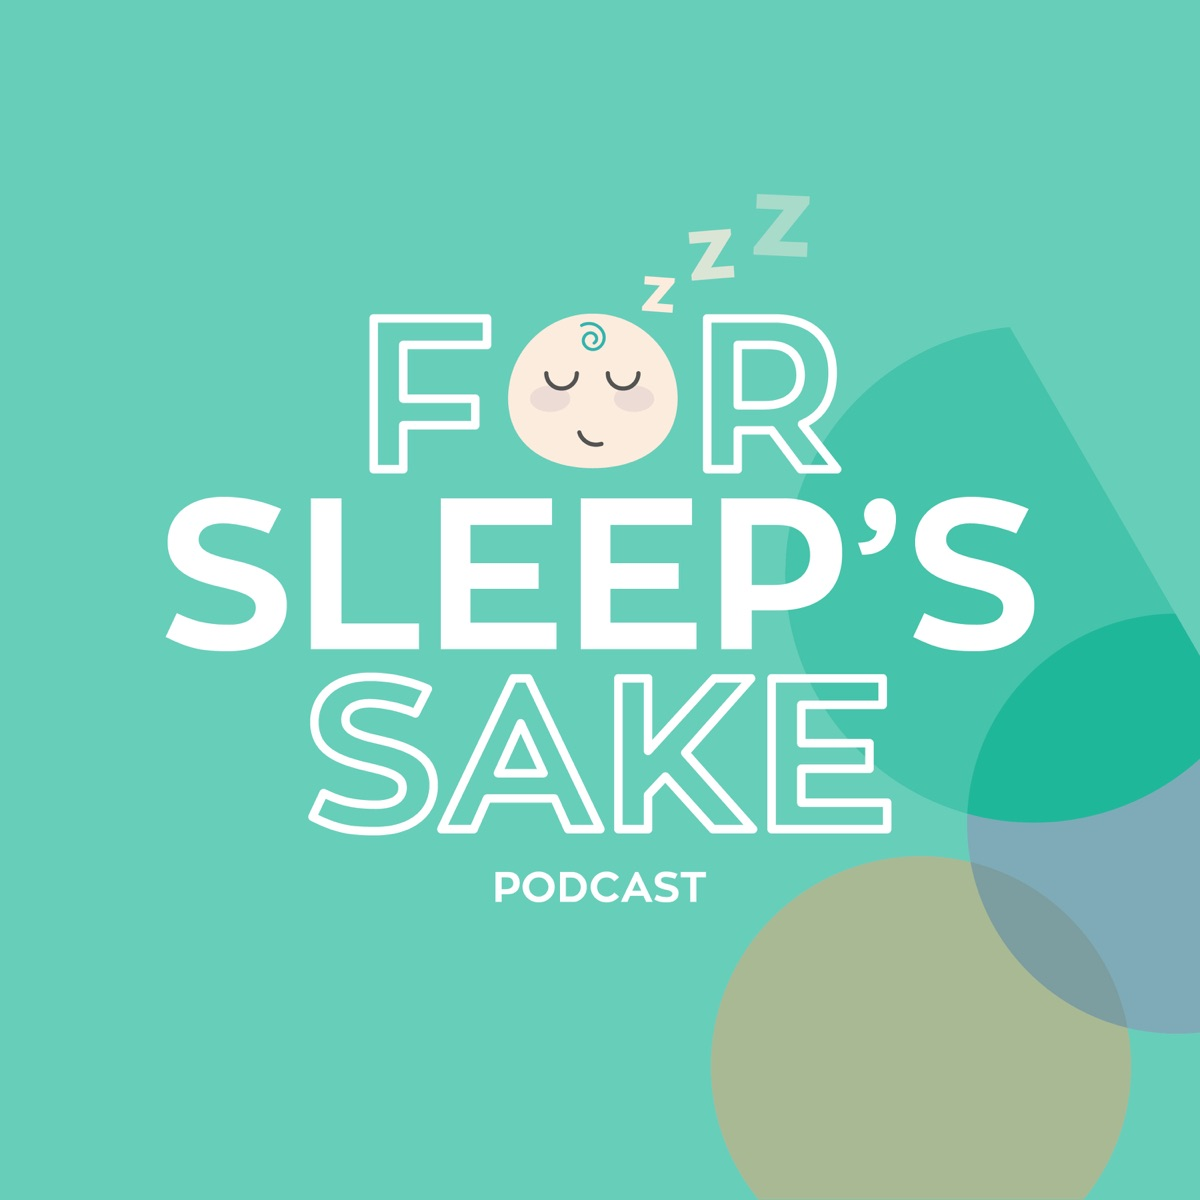 For Sleep's Sake